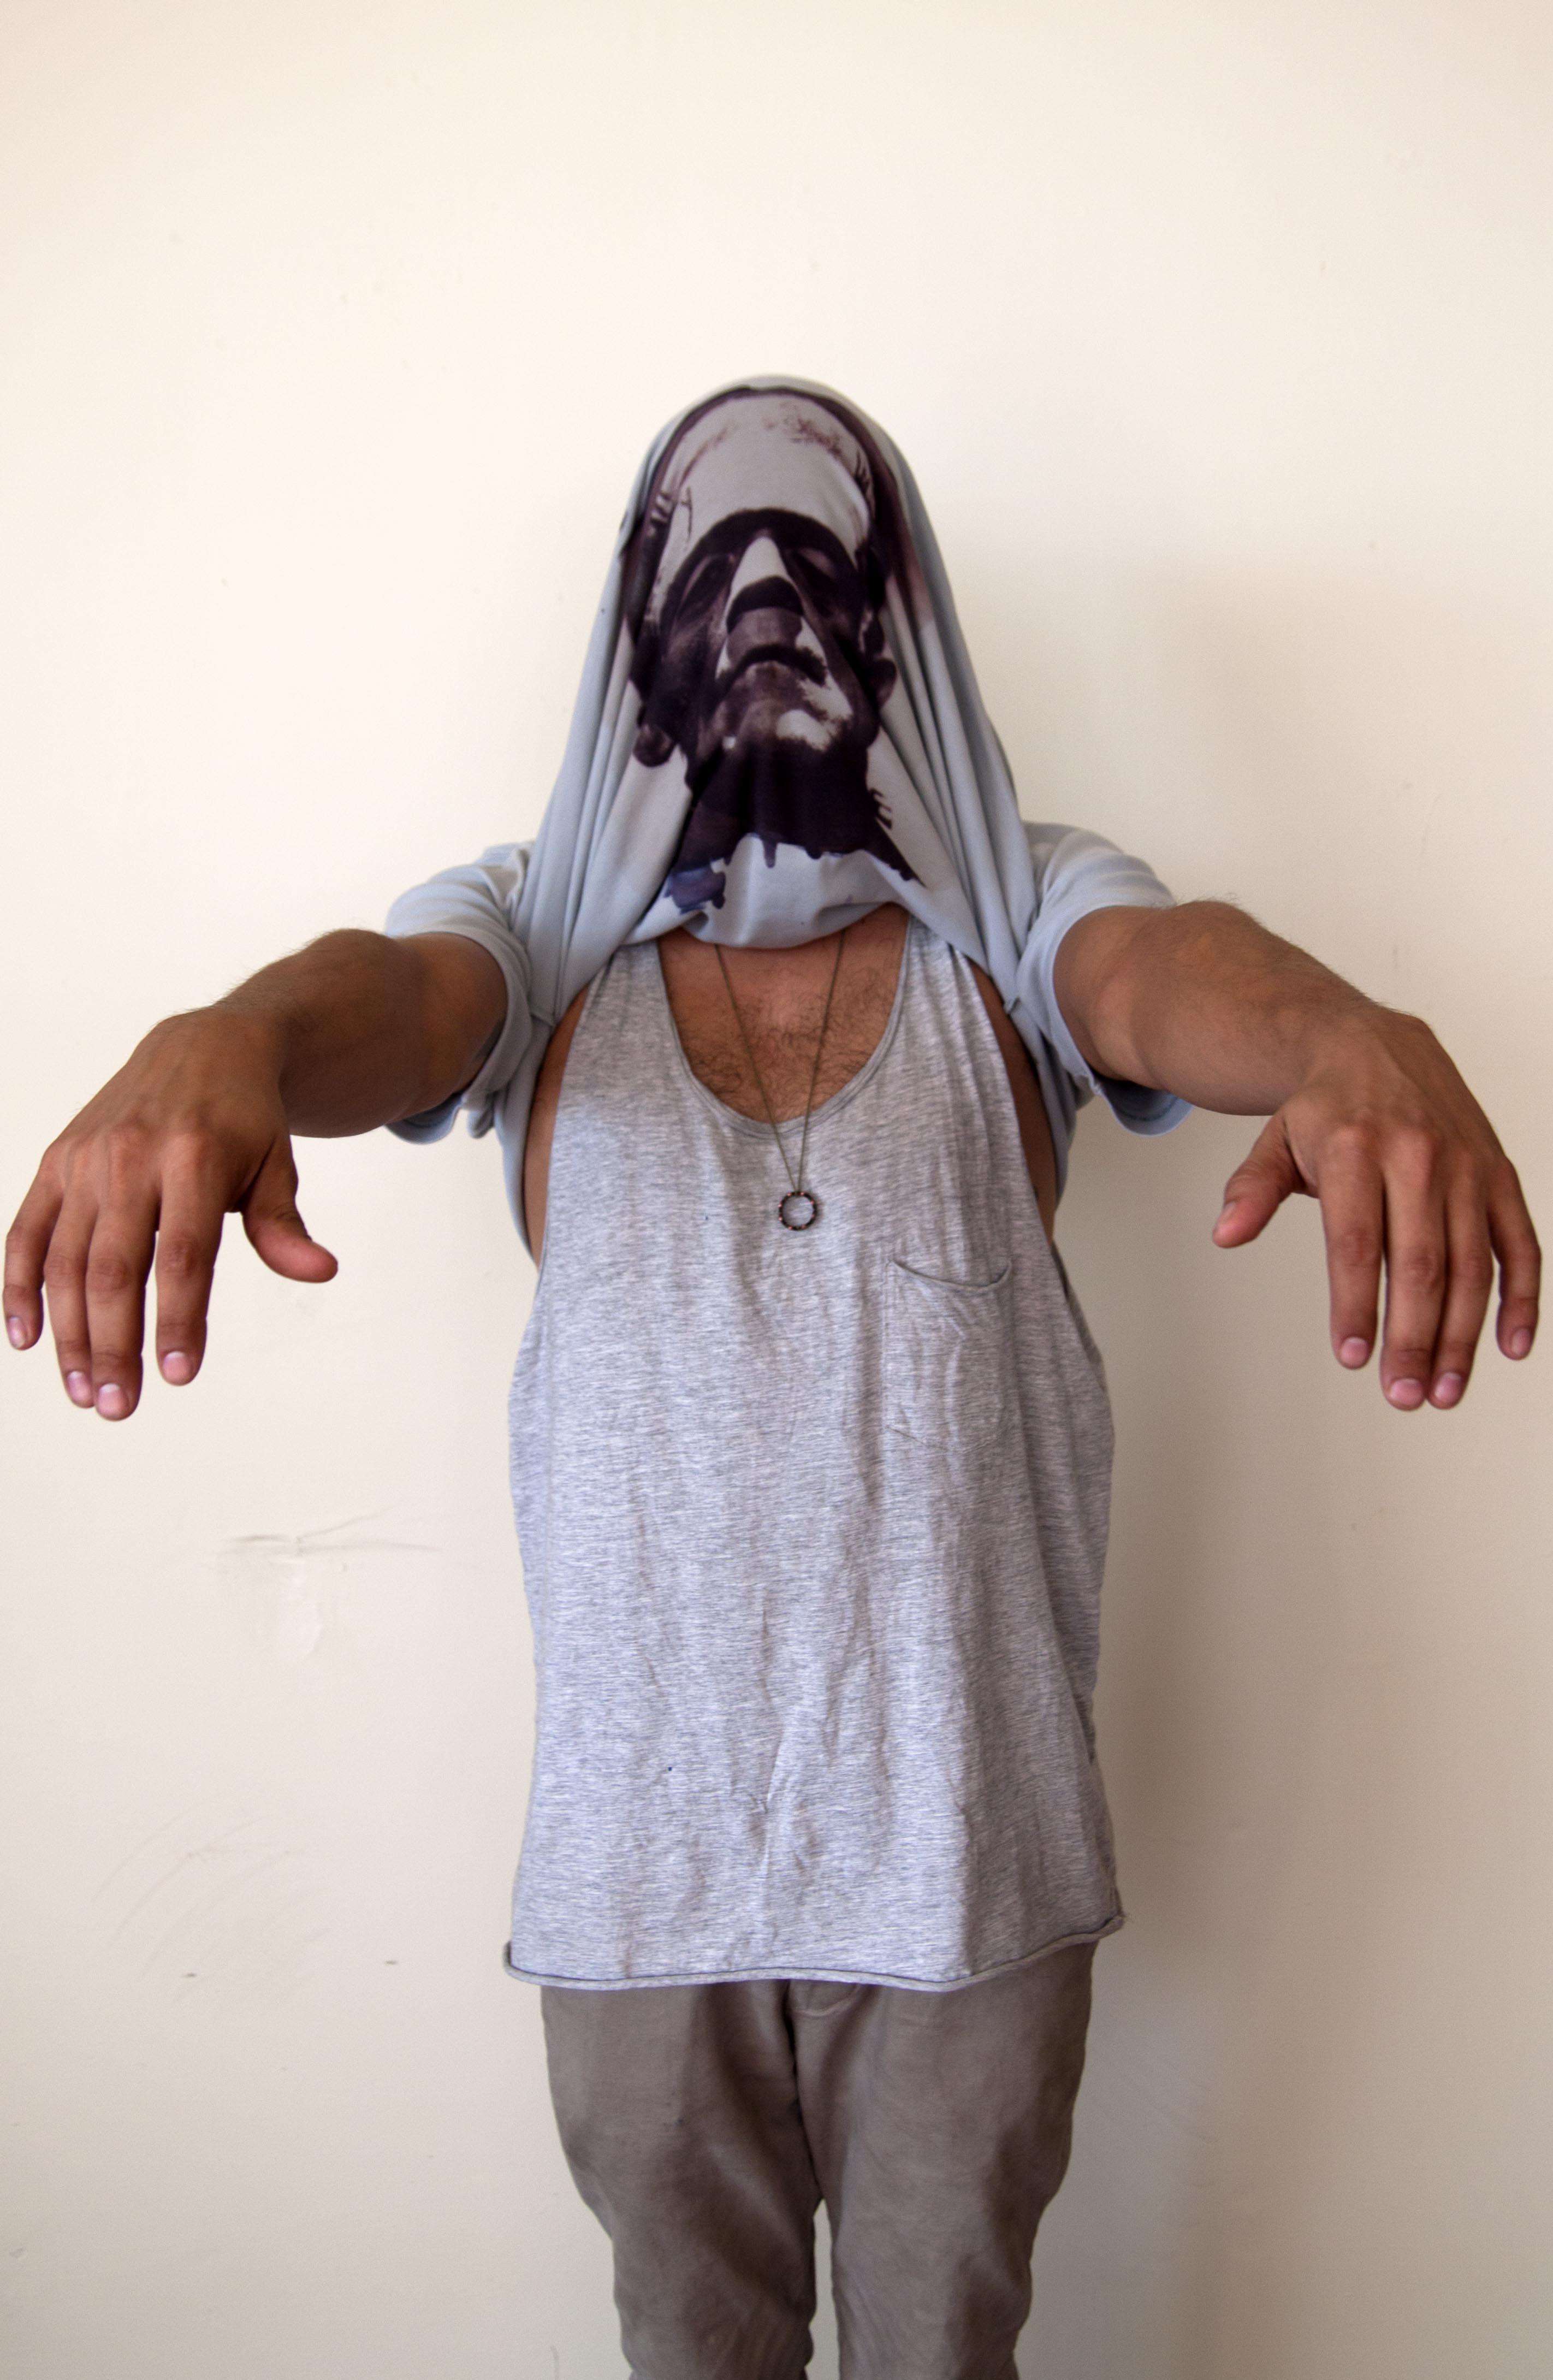 Inkodye Projects Last Minute Halloween Costume